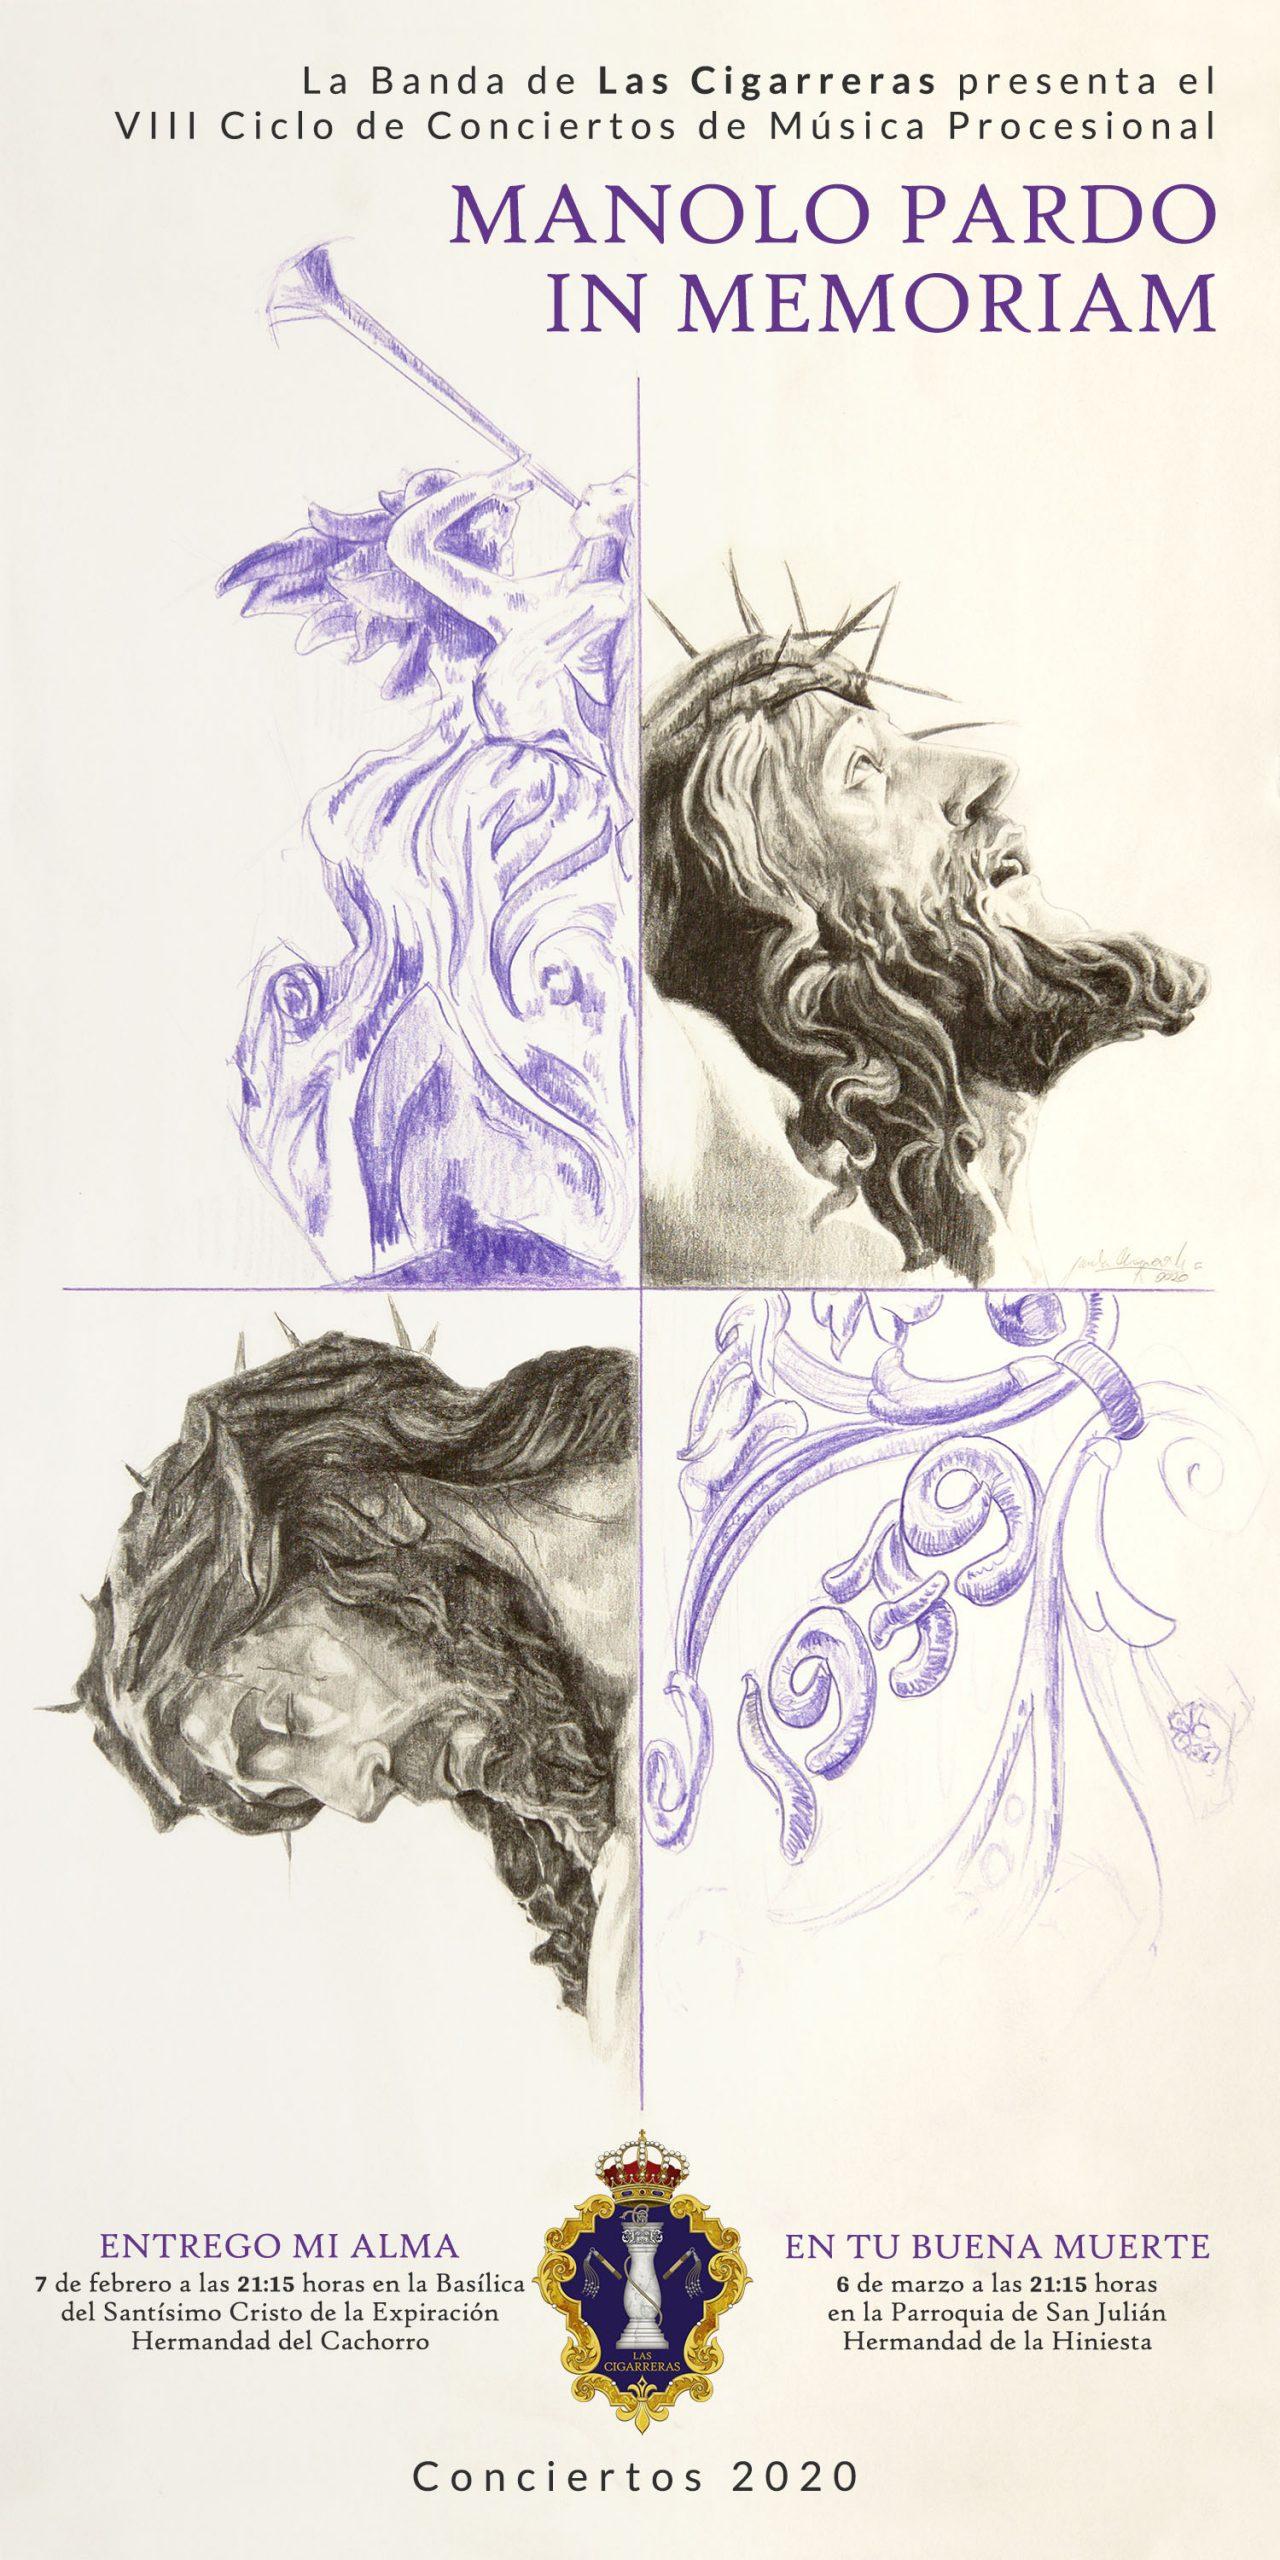 Cartel del VIII Ciclo de Conciertos Manolo Pardo, obra de Paula Arquero.